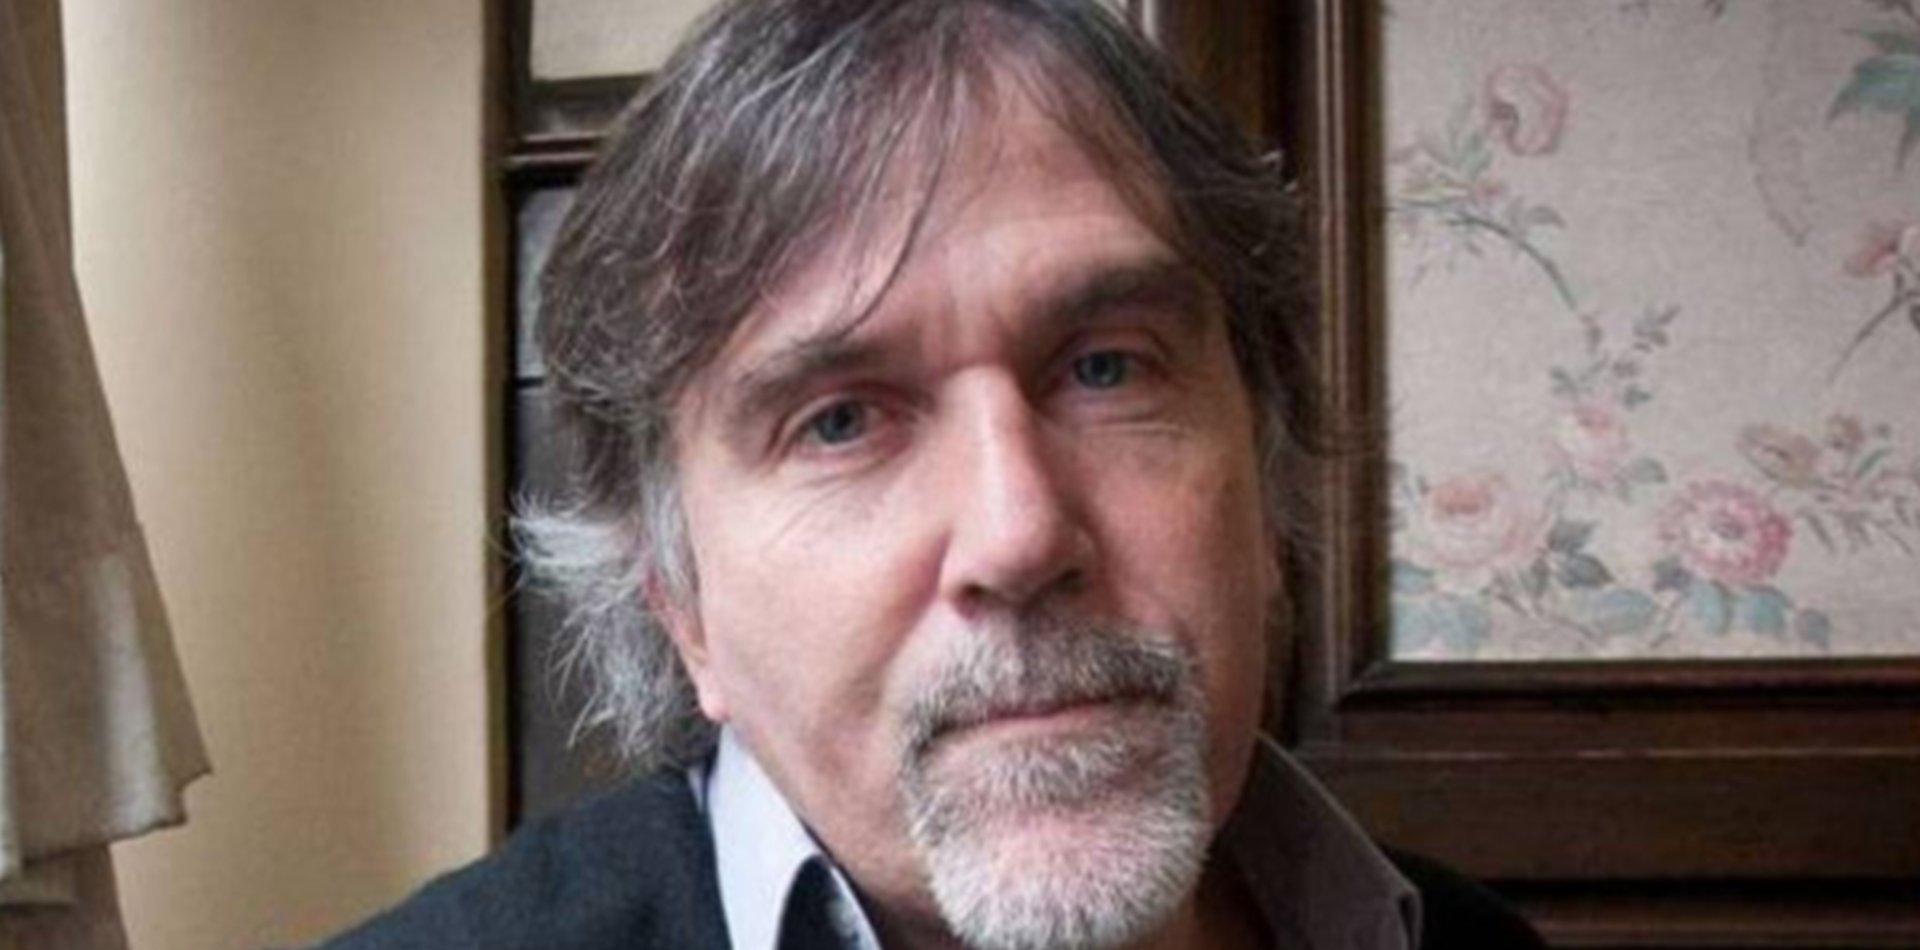 Escándalo en La Plata: un abogado denunció al actor y ex diputado nacional Claudio Morgado